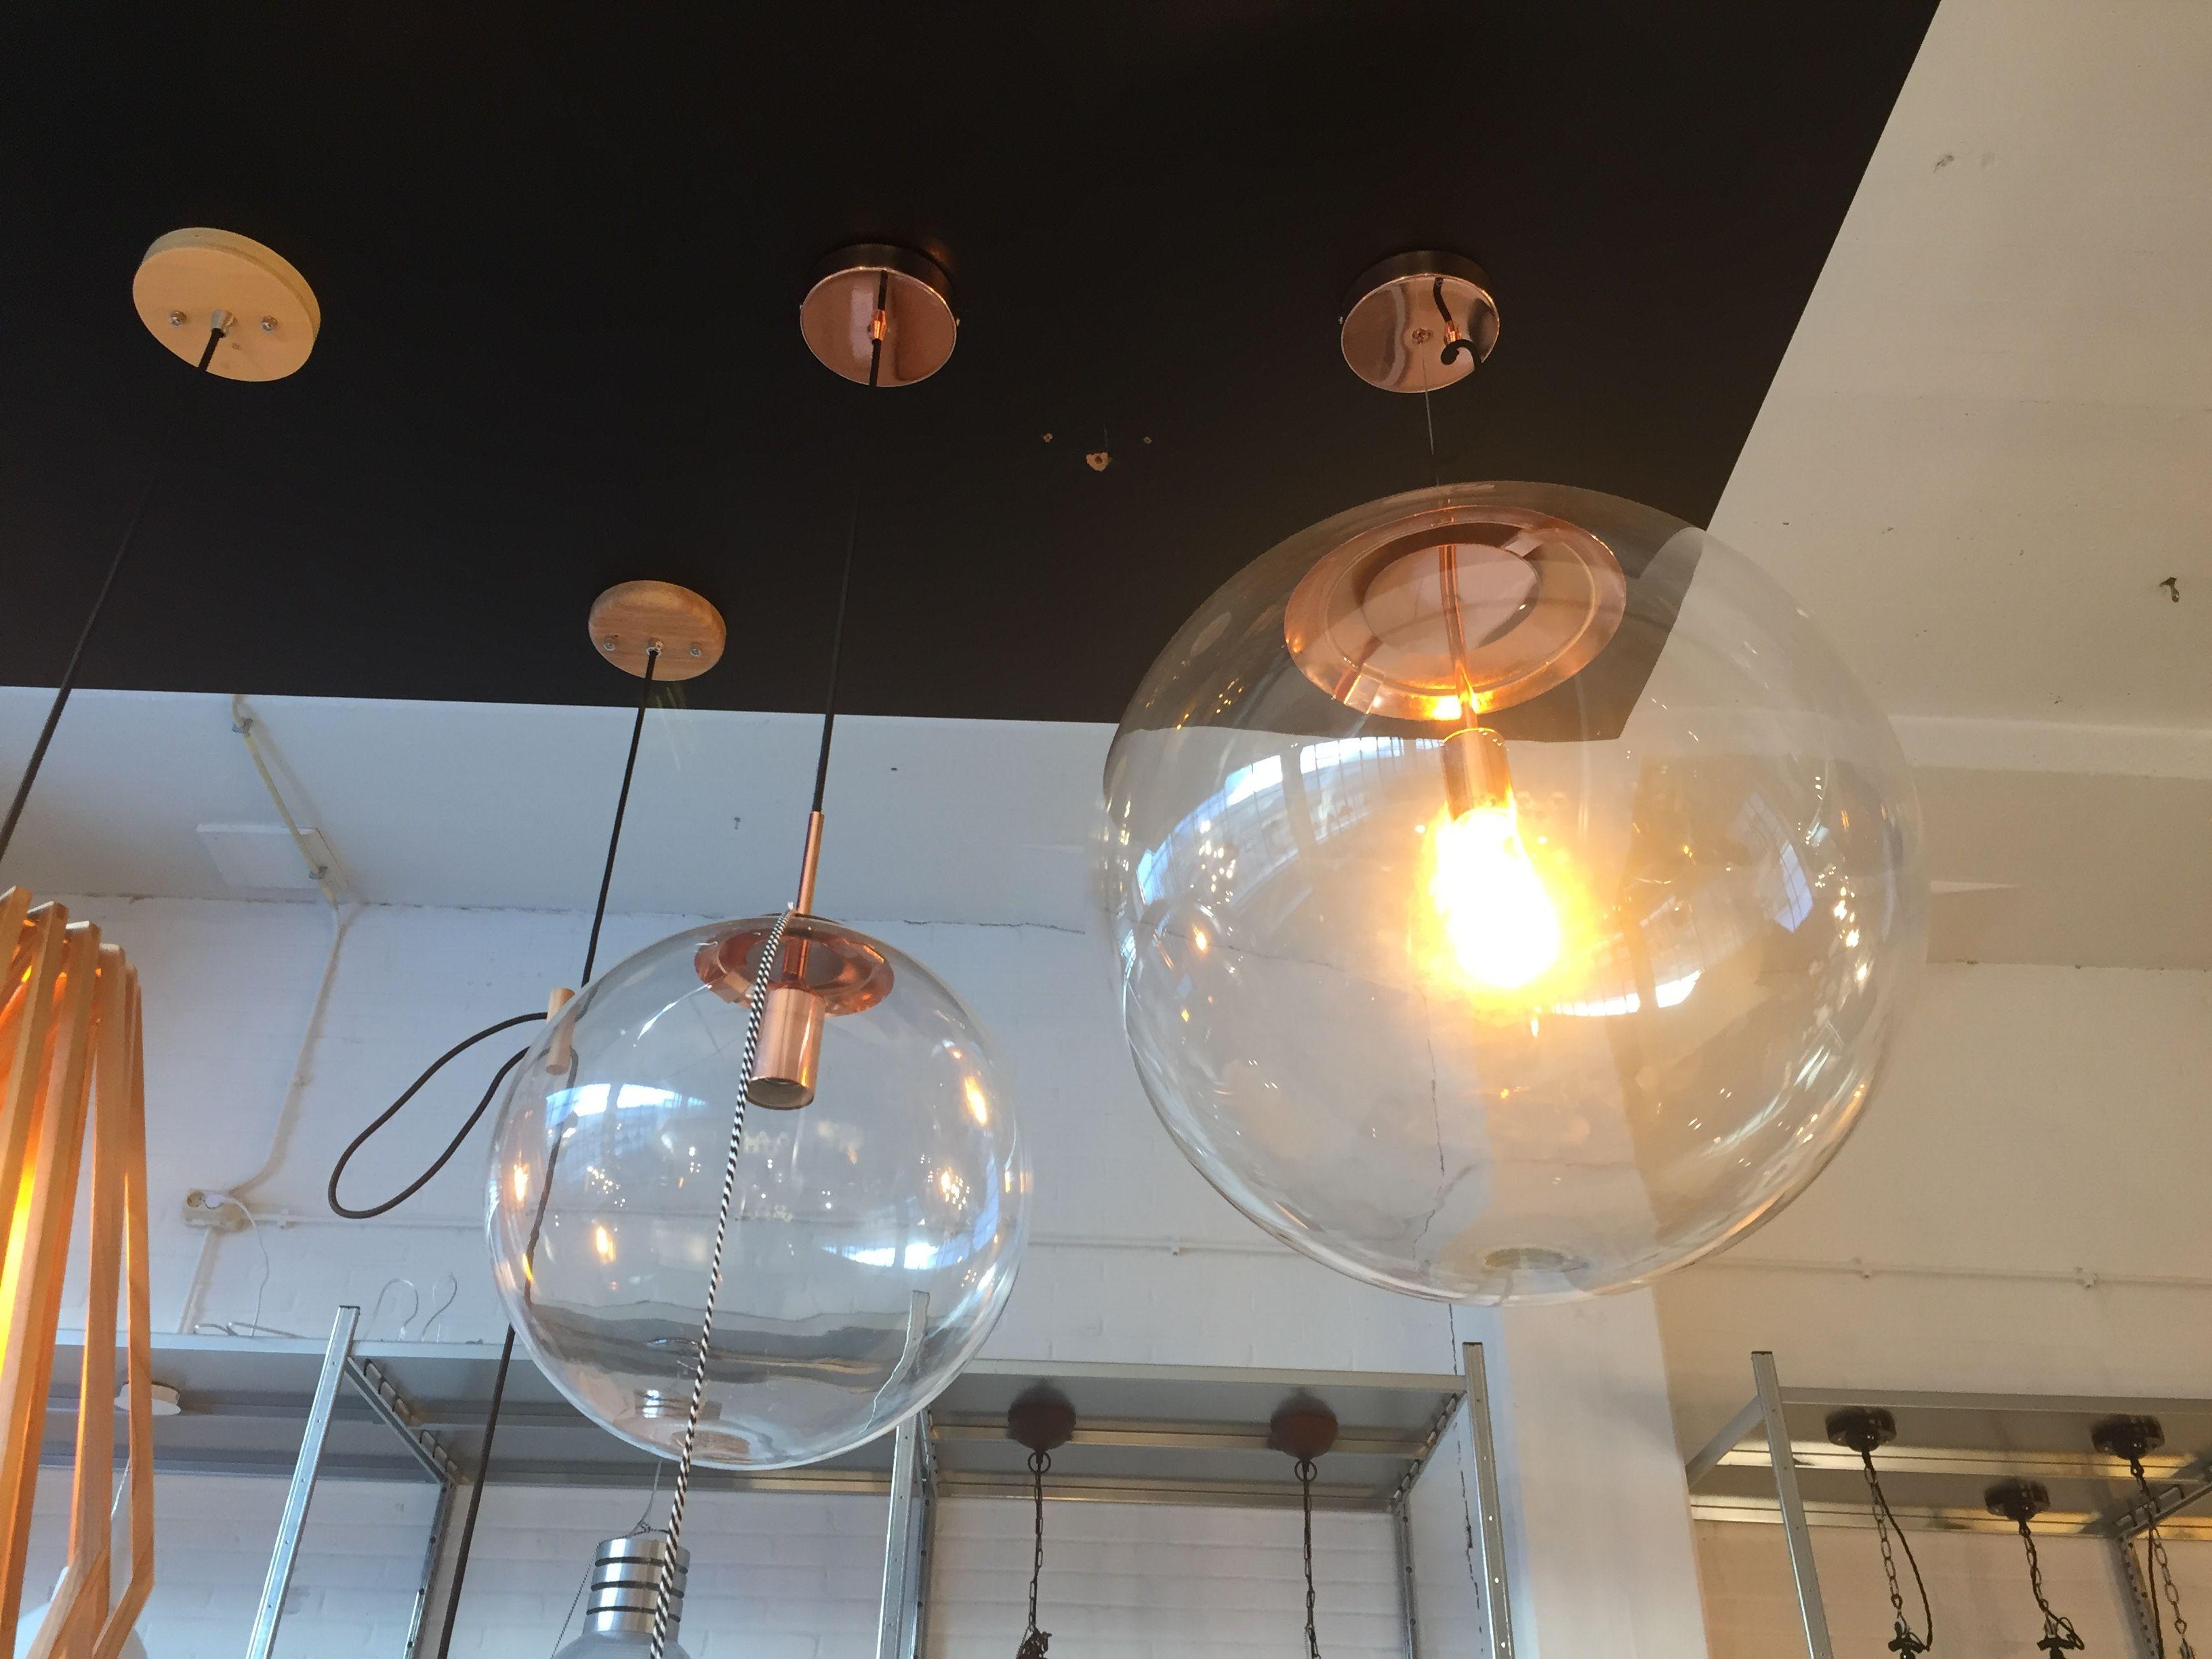 21x Bureaulamp Inspiratie : 21x bureaulamp inspiratie. stunning lamp tak fluor roze snoer online